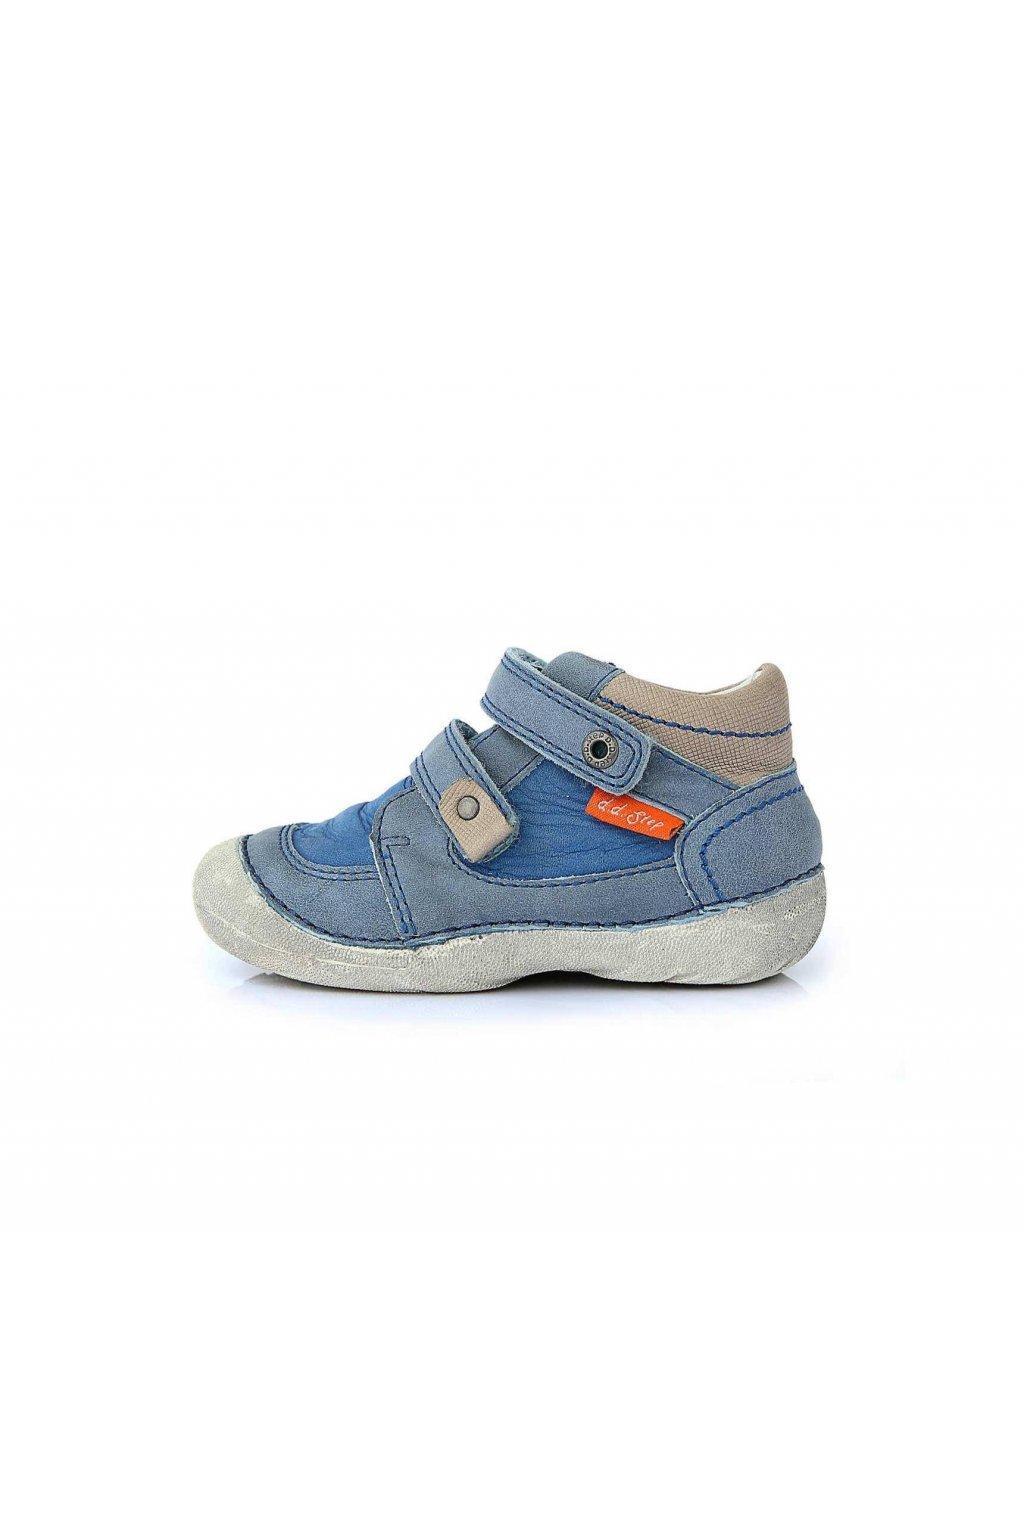 D.D.Step Blue Jeans 015